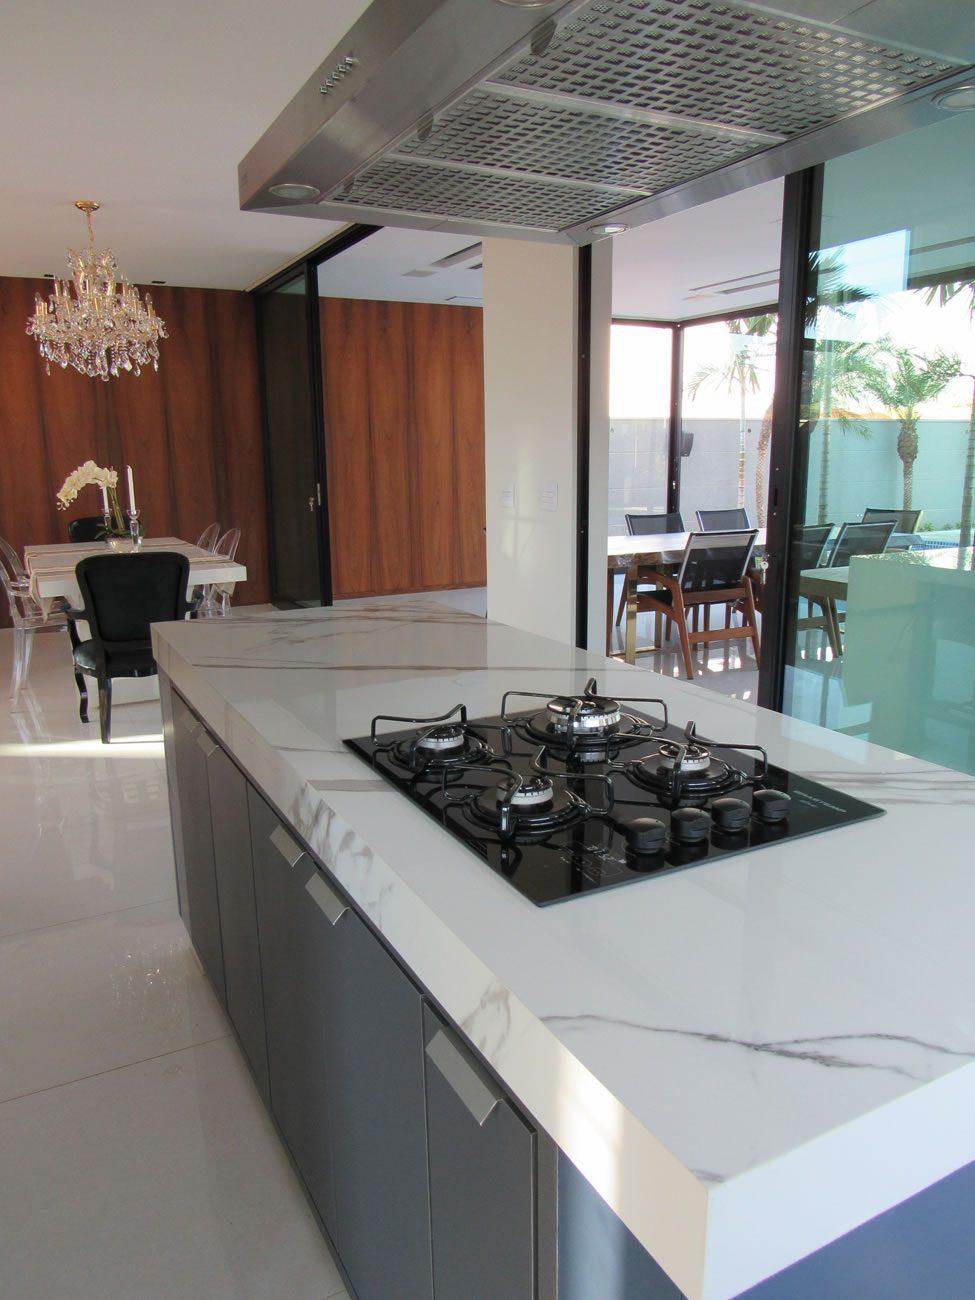 entorno de Eliane: fabio-martins-arquiteto-marmo-branco-po-120x240cm-amb-02